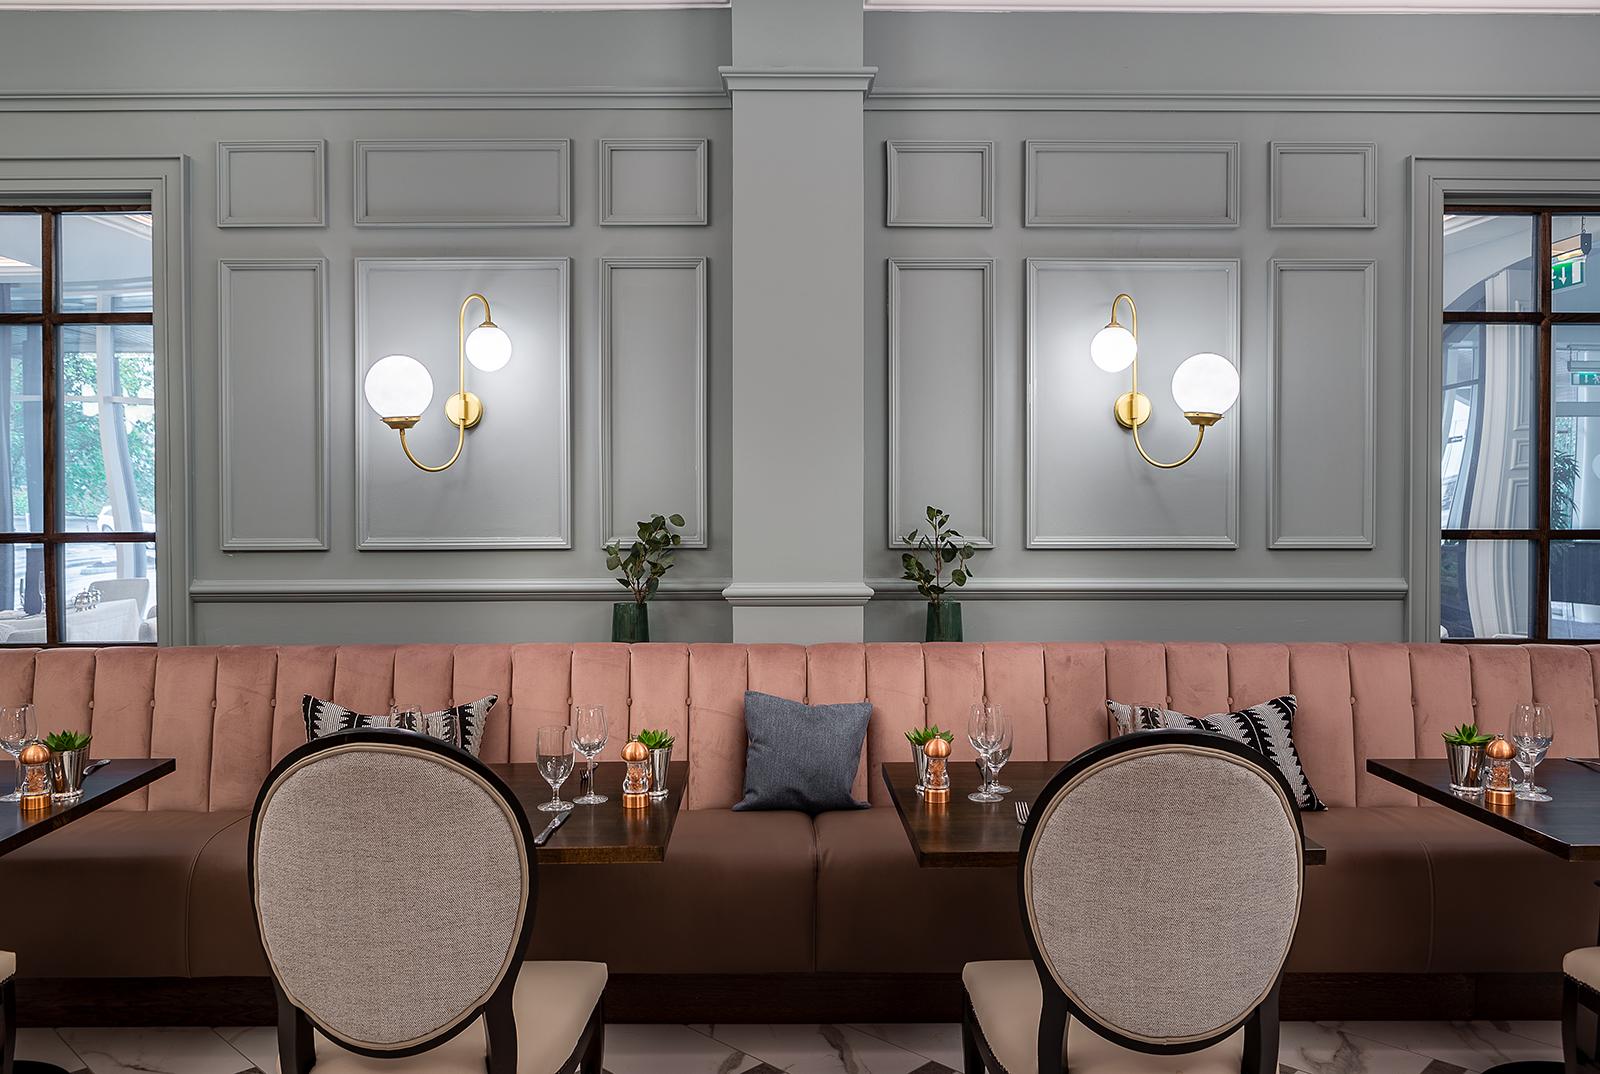 Bespoke Elegant Light Fittings in this Stunning Laois Hotel